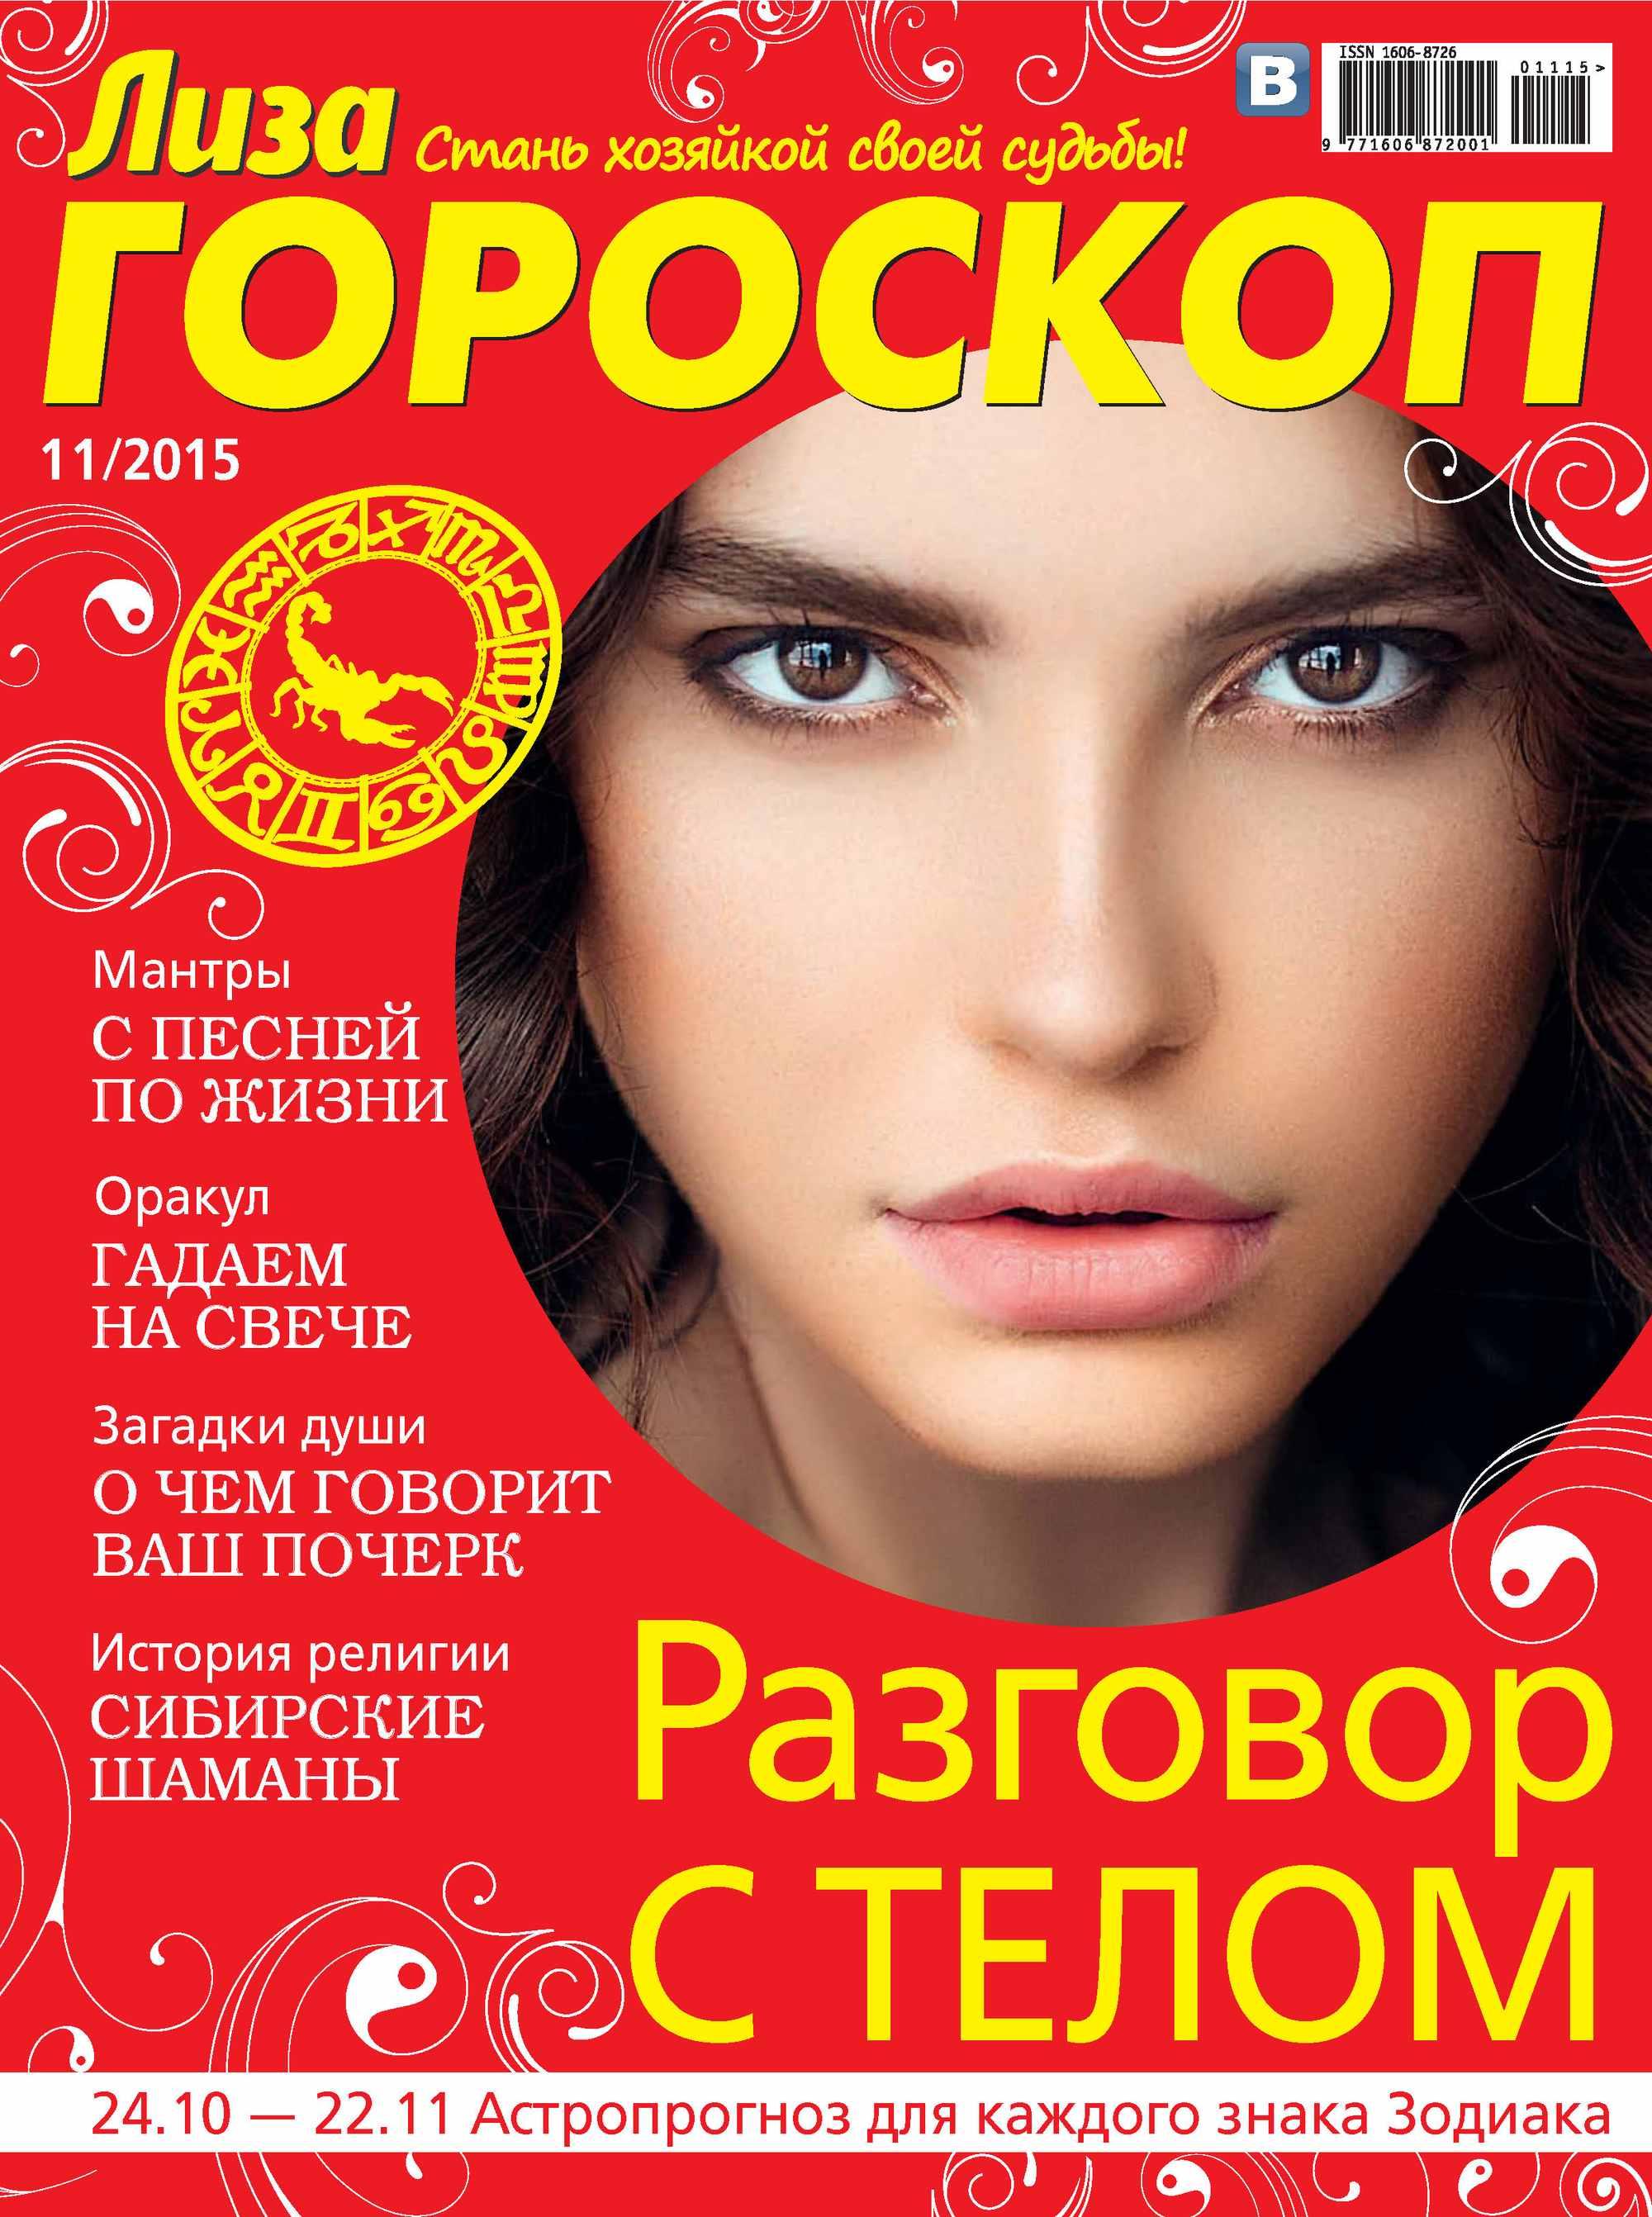 Журнал «Лиза. Гороскоп» №11/2015 фото